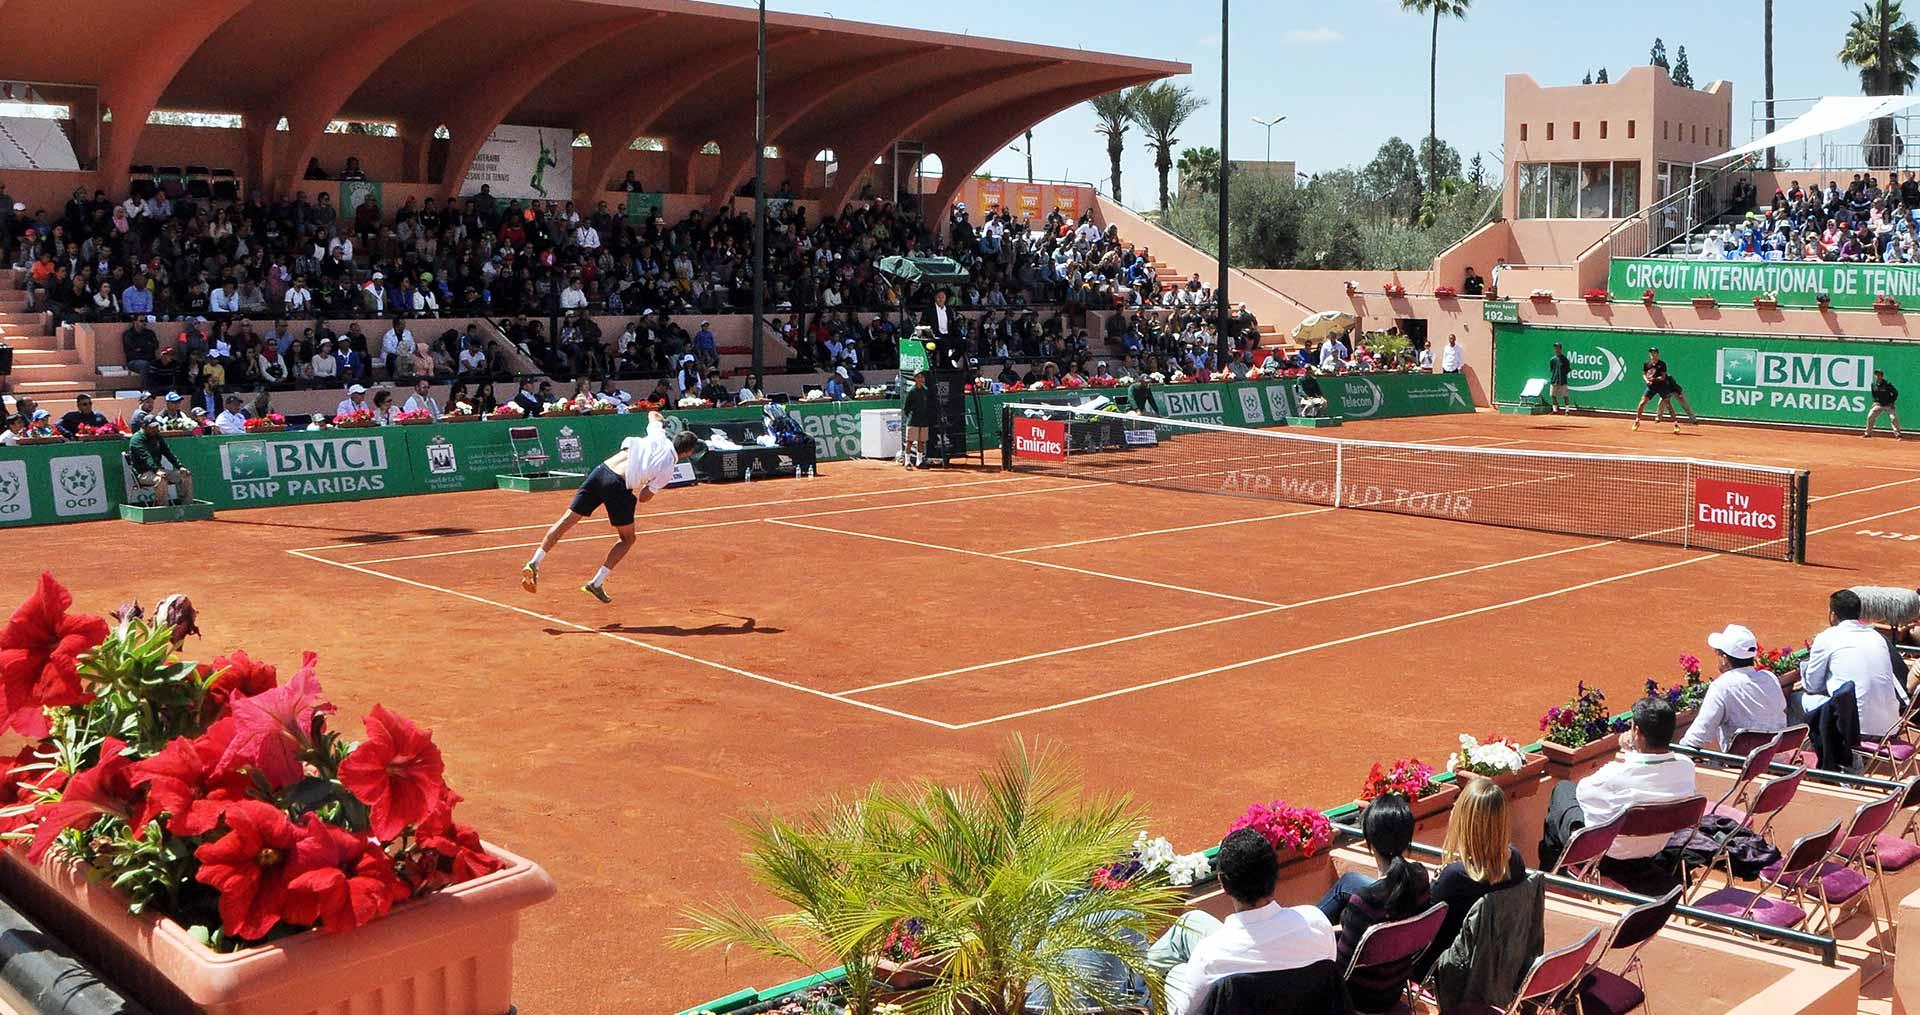 Marrakech Overview Atp Tour Tennis